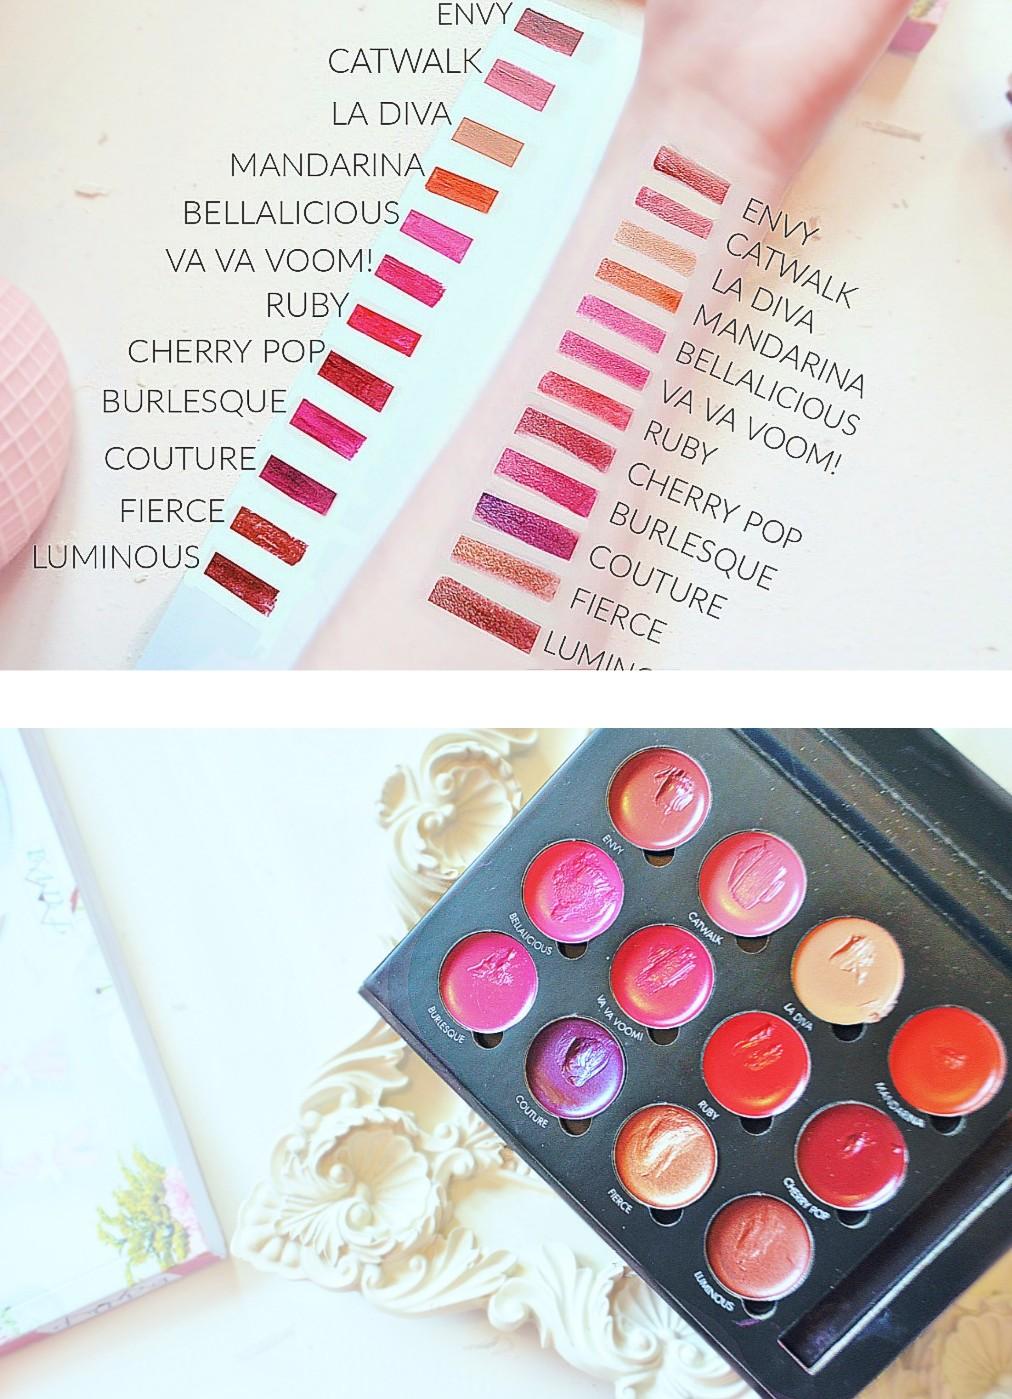 12 Color Pro Lip Palette by Bellapierre #3